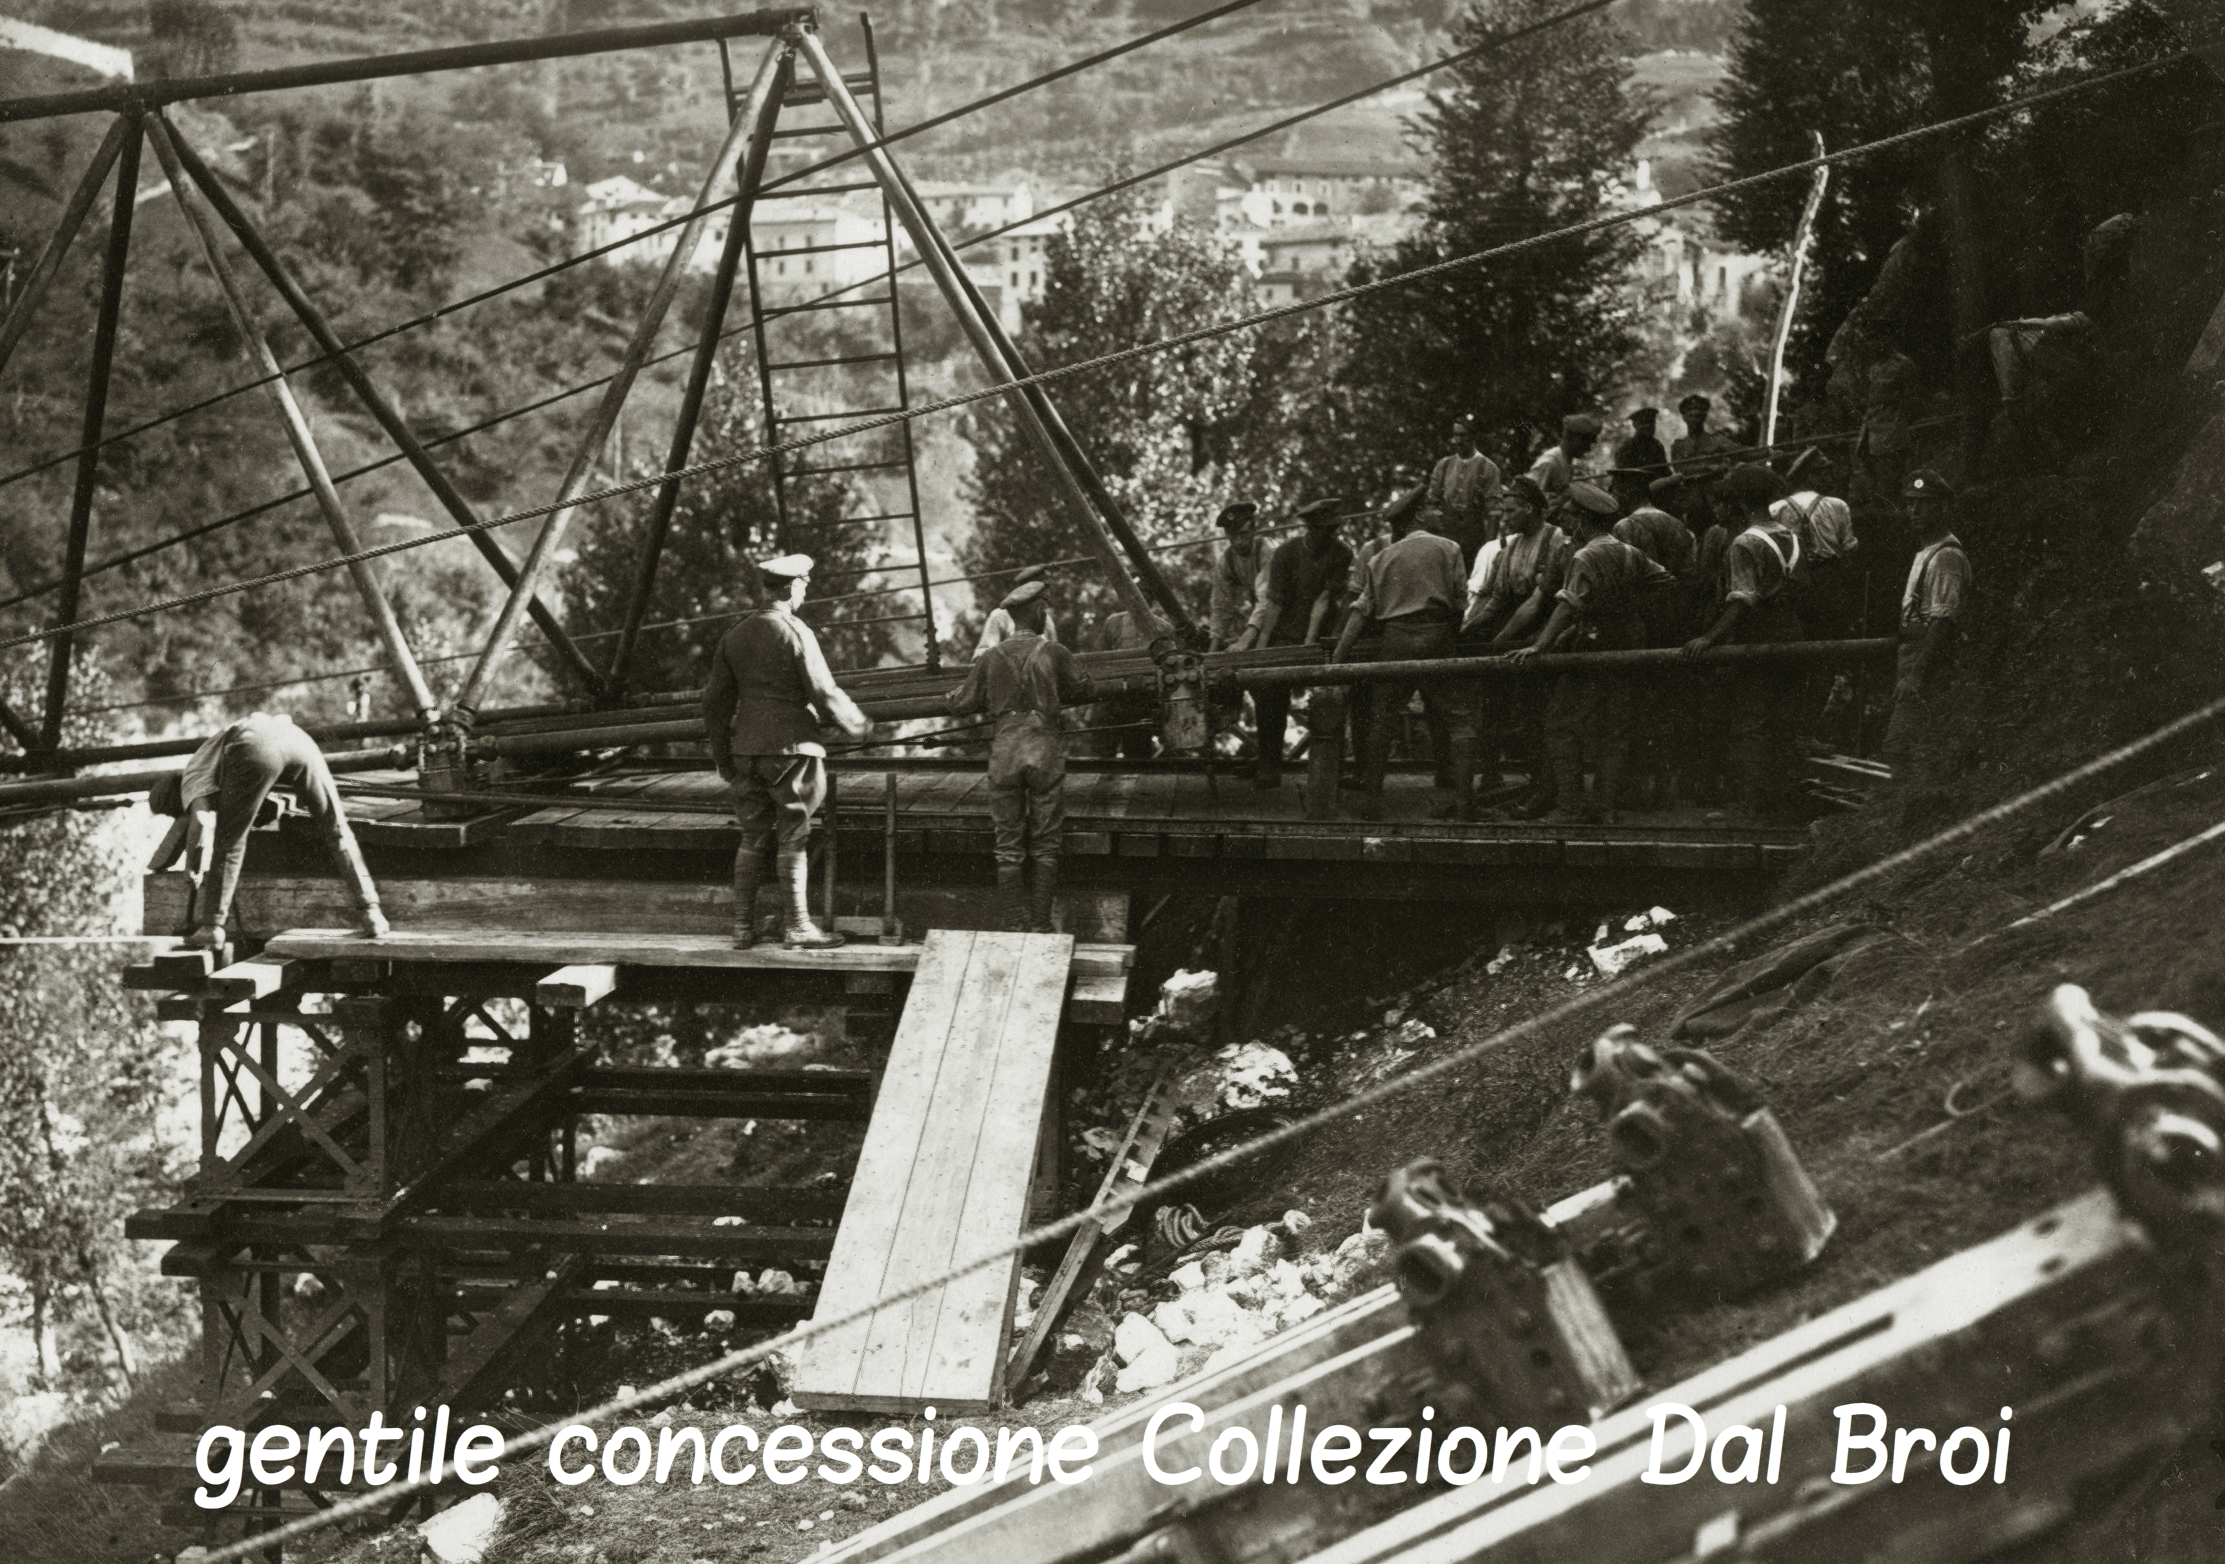 05 - 13 - Genieri inglesi mentre costruiscono un ponte a Caltrano sull'Astico (ASDM - coll dal broi) (c).jpg